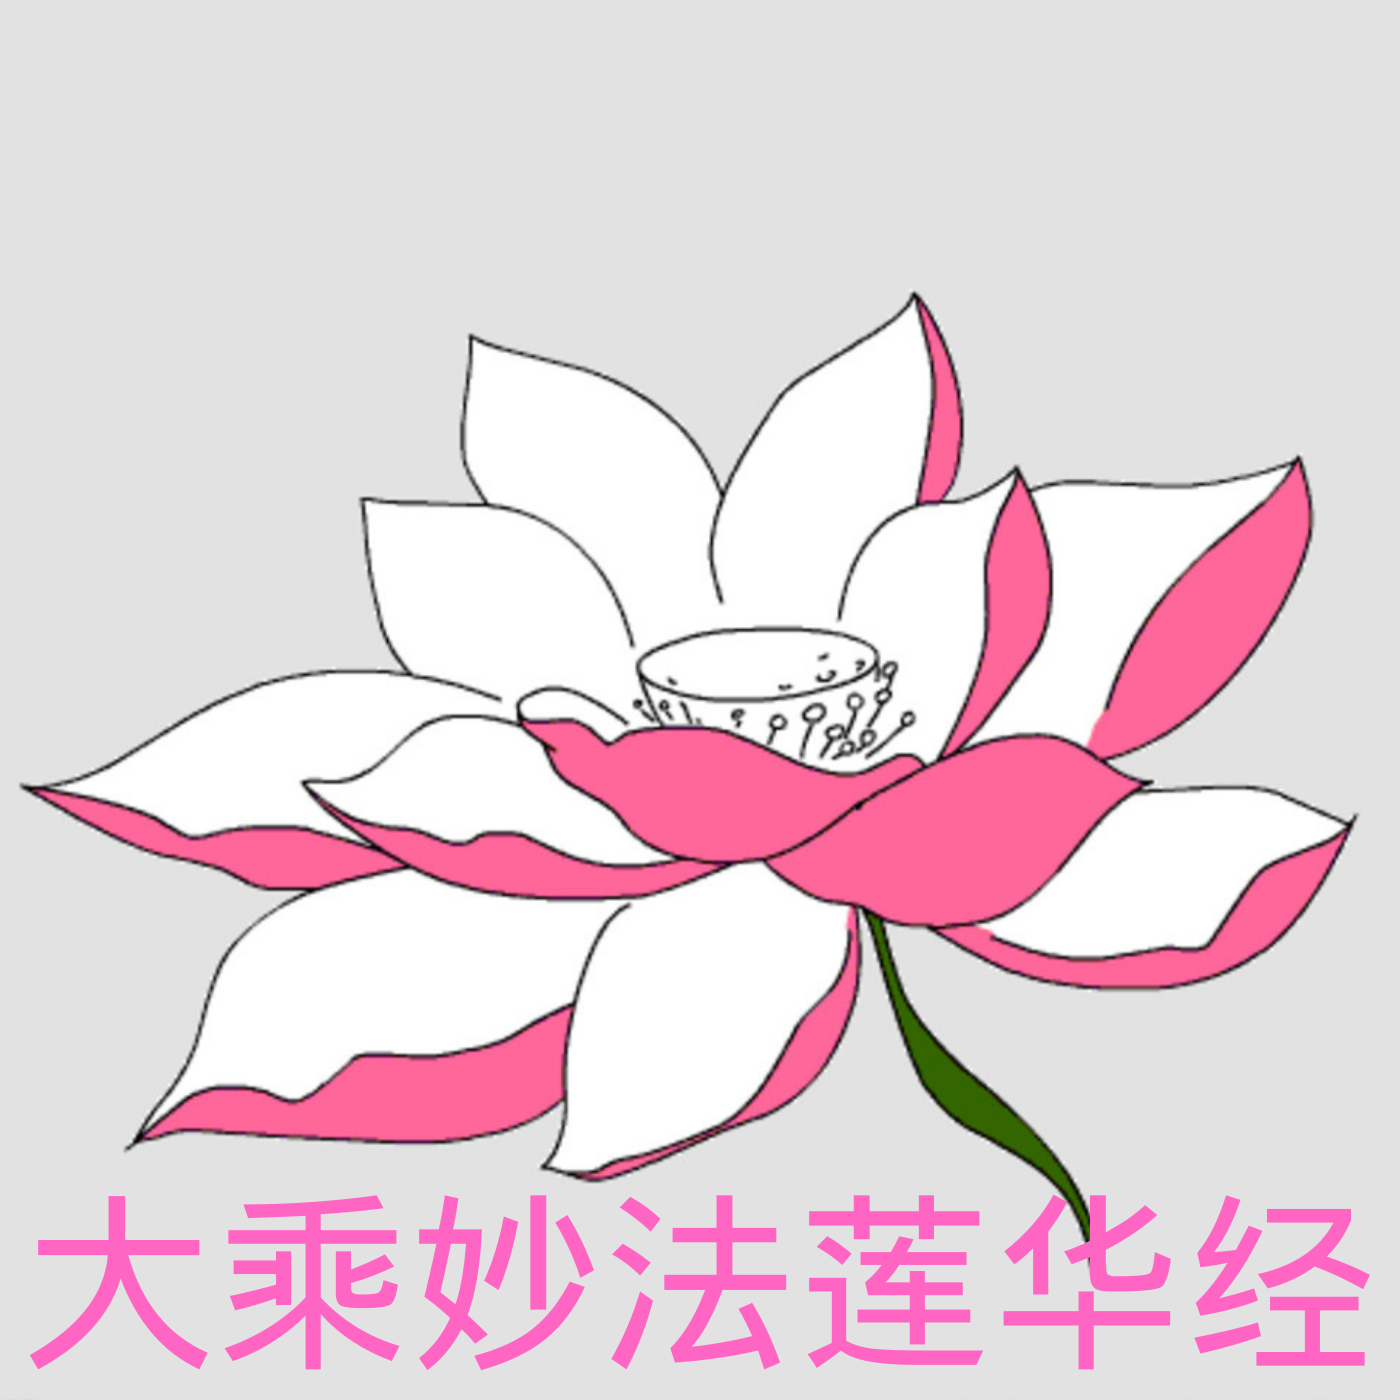 《大乘妙法莲华经》讲记 第三次修订版